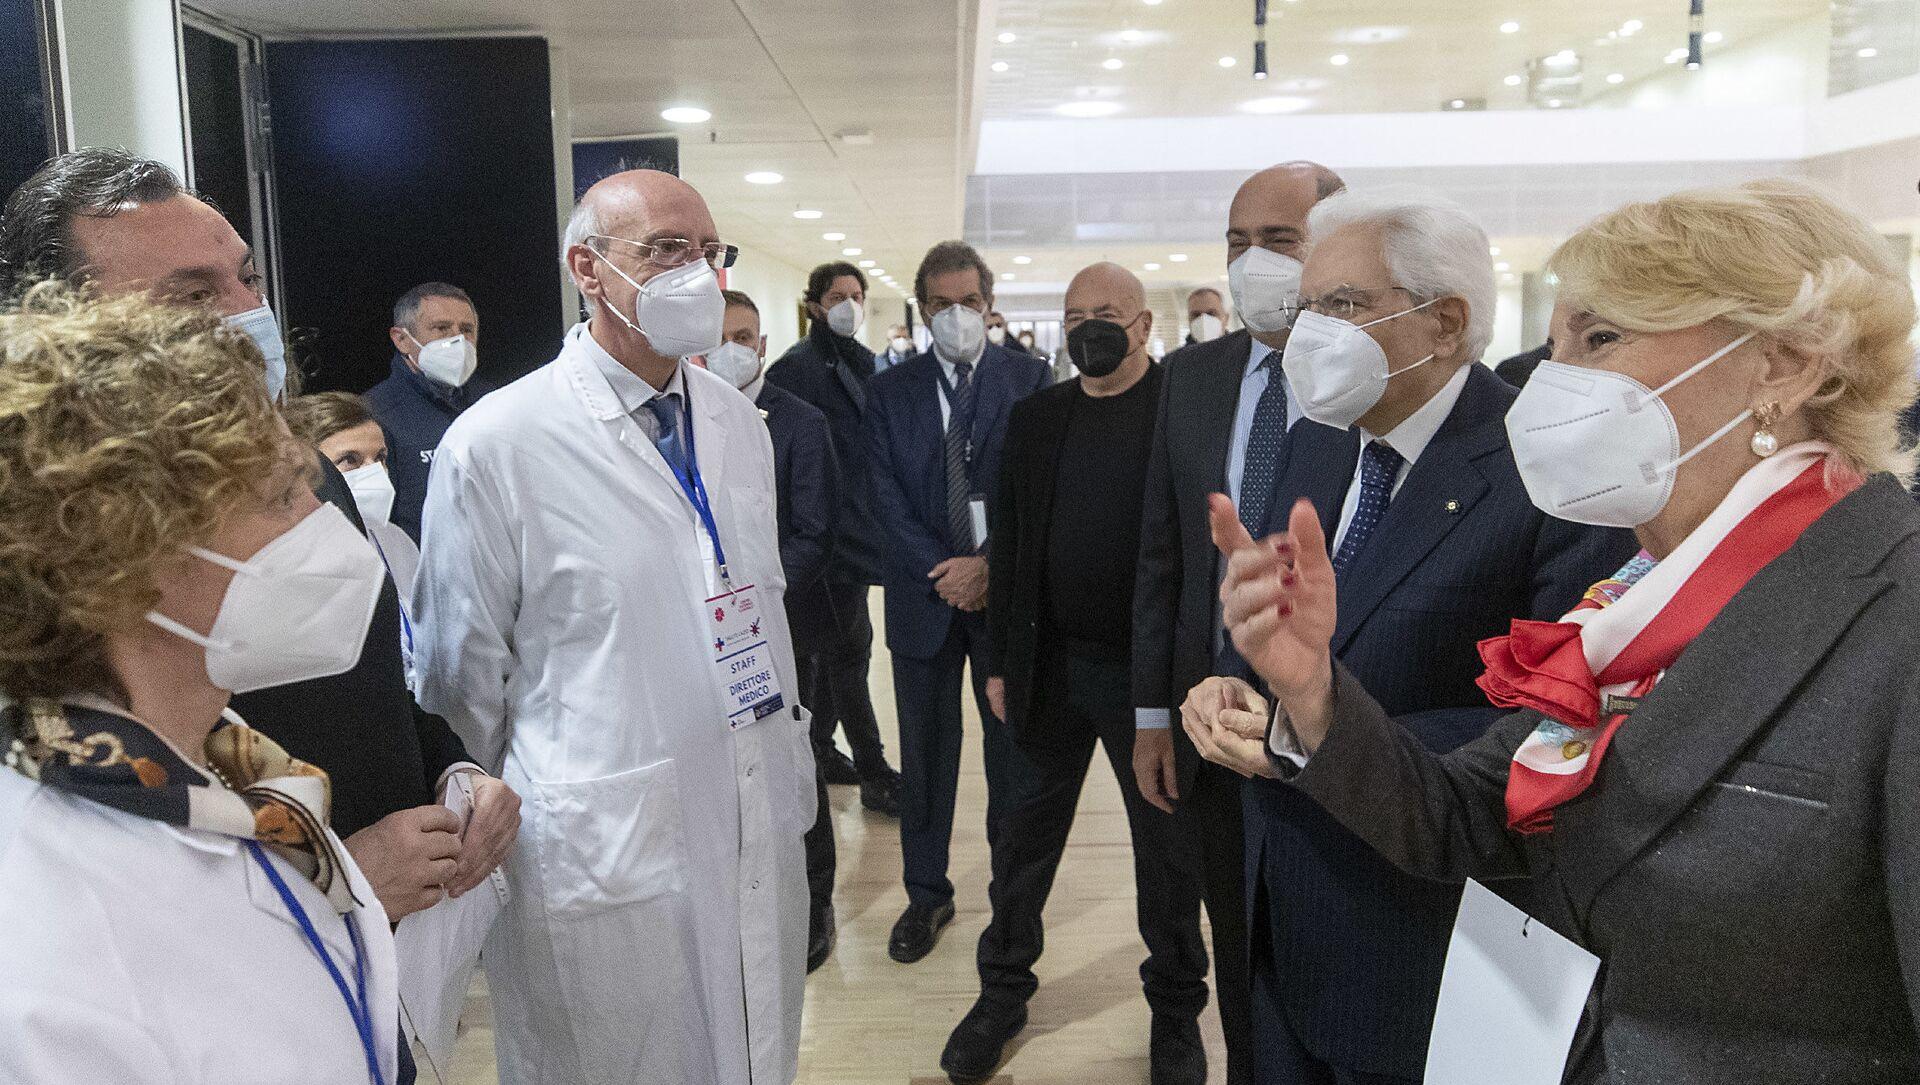 Mattarella in visita al centro vaccinale allestito alla Nuvola di Fuksas - Sputnik Italia, 1920, 06.03.2021